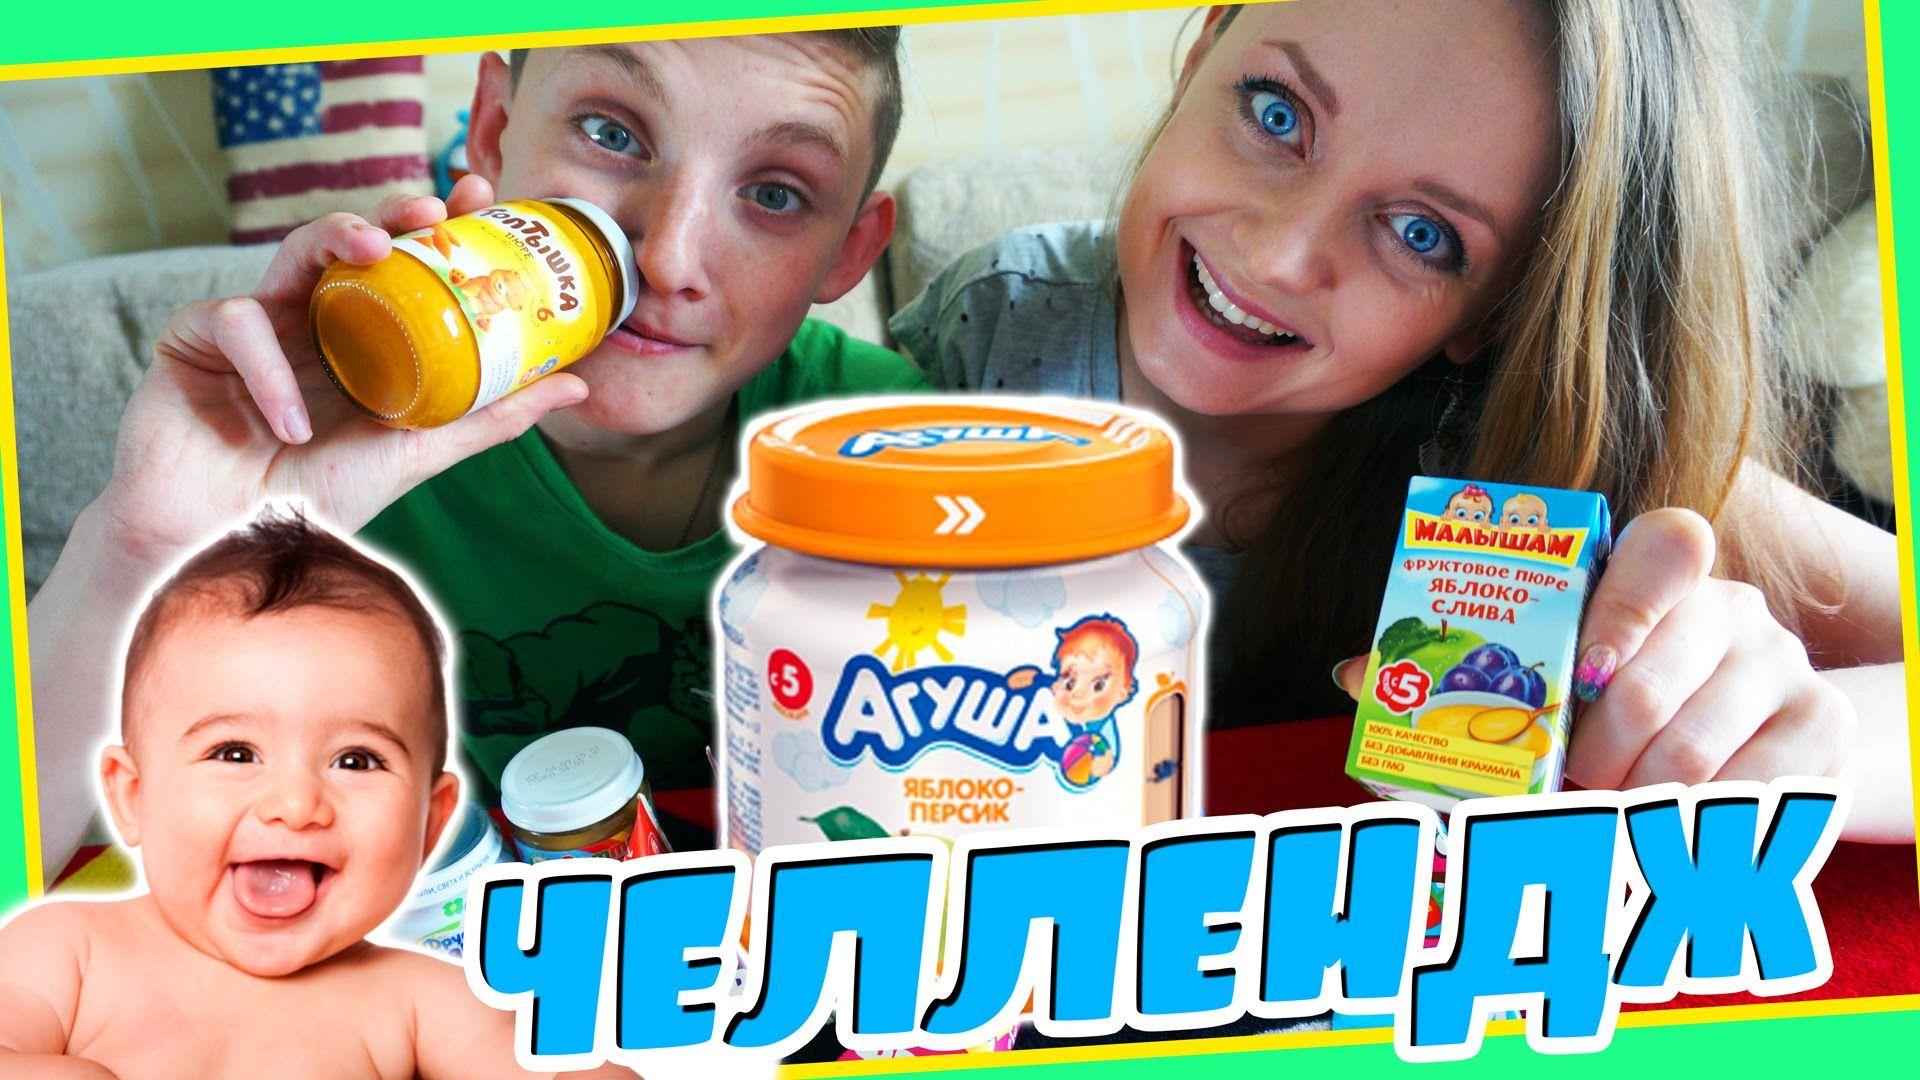 Baby Food Challenge Detskoe Pitanie Chellendzh Vyzov Prinyat Chelendzh Pyure Youtube Enjoyment Cuba